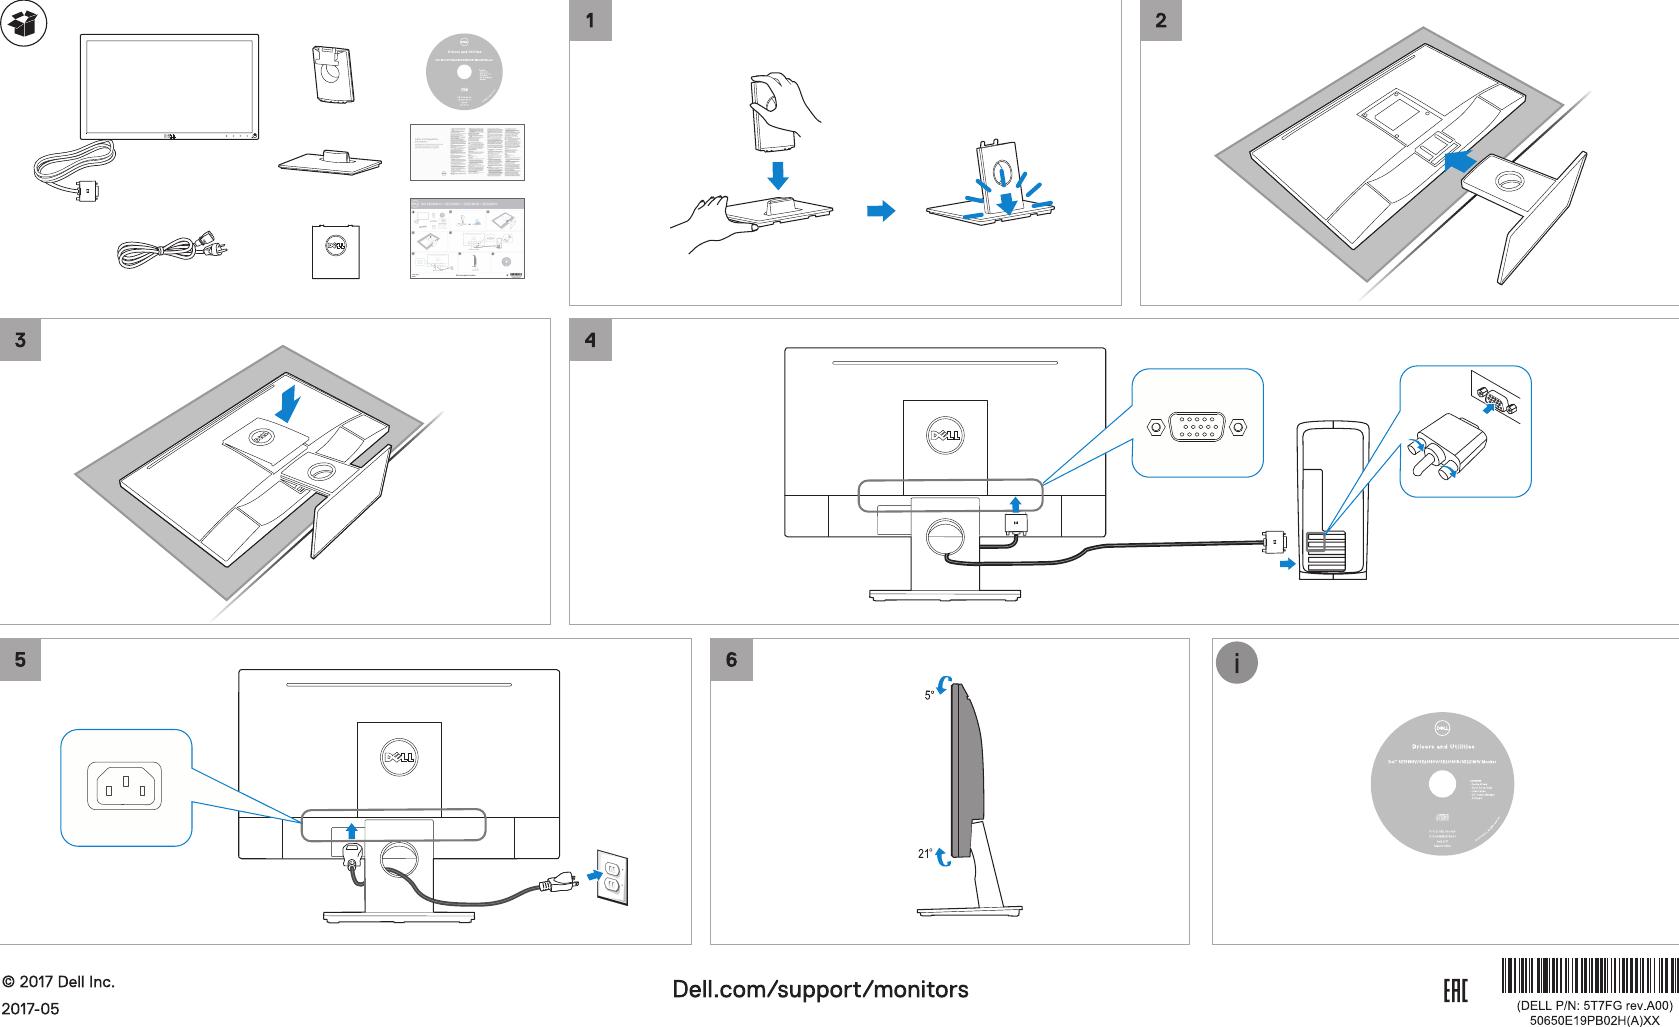 Dell se1918hv monitor Ръководство за бърз старт User